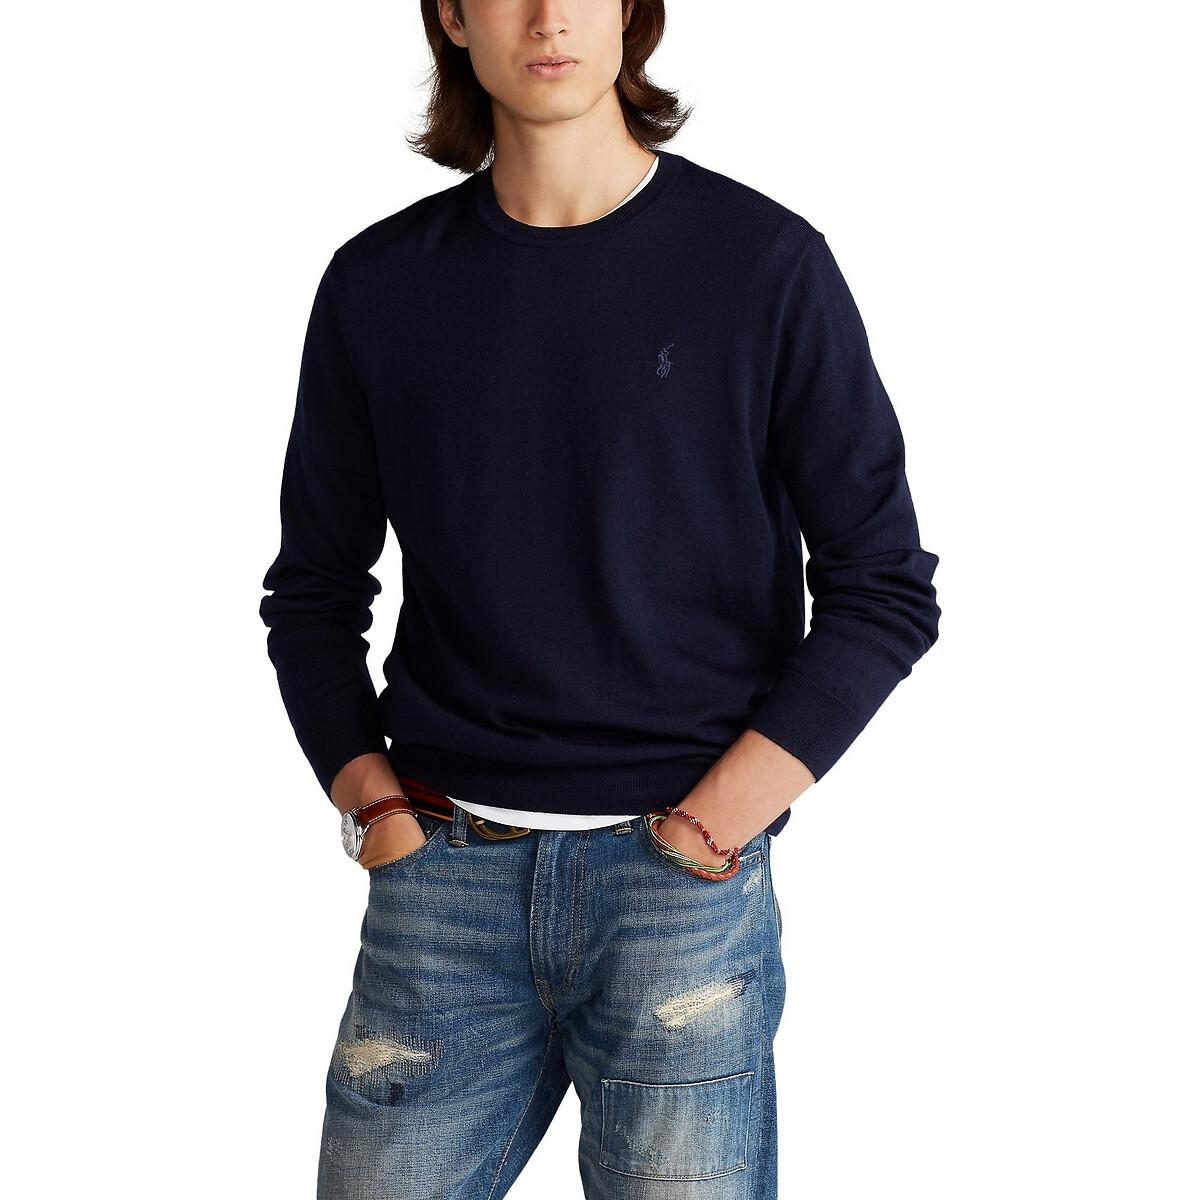 Пуловер LaRedoute С круглым вырезом из шерсти мериноса XXL синий